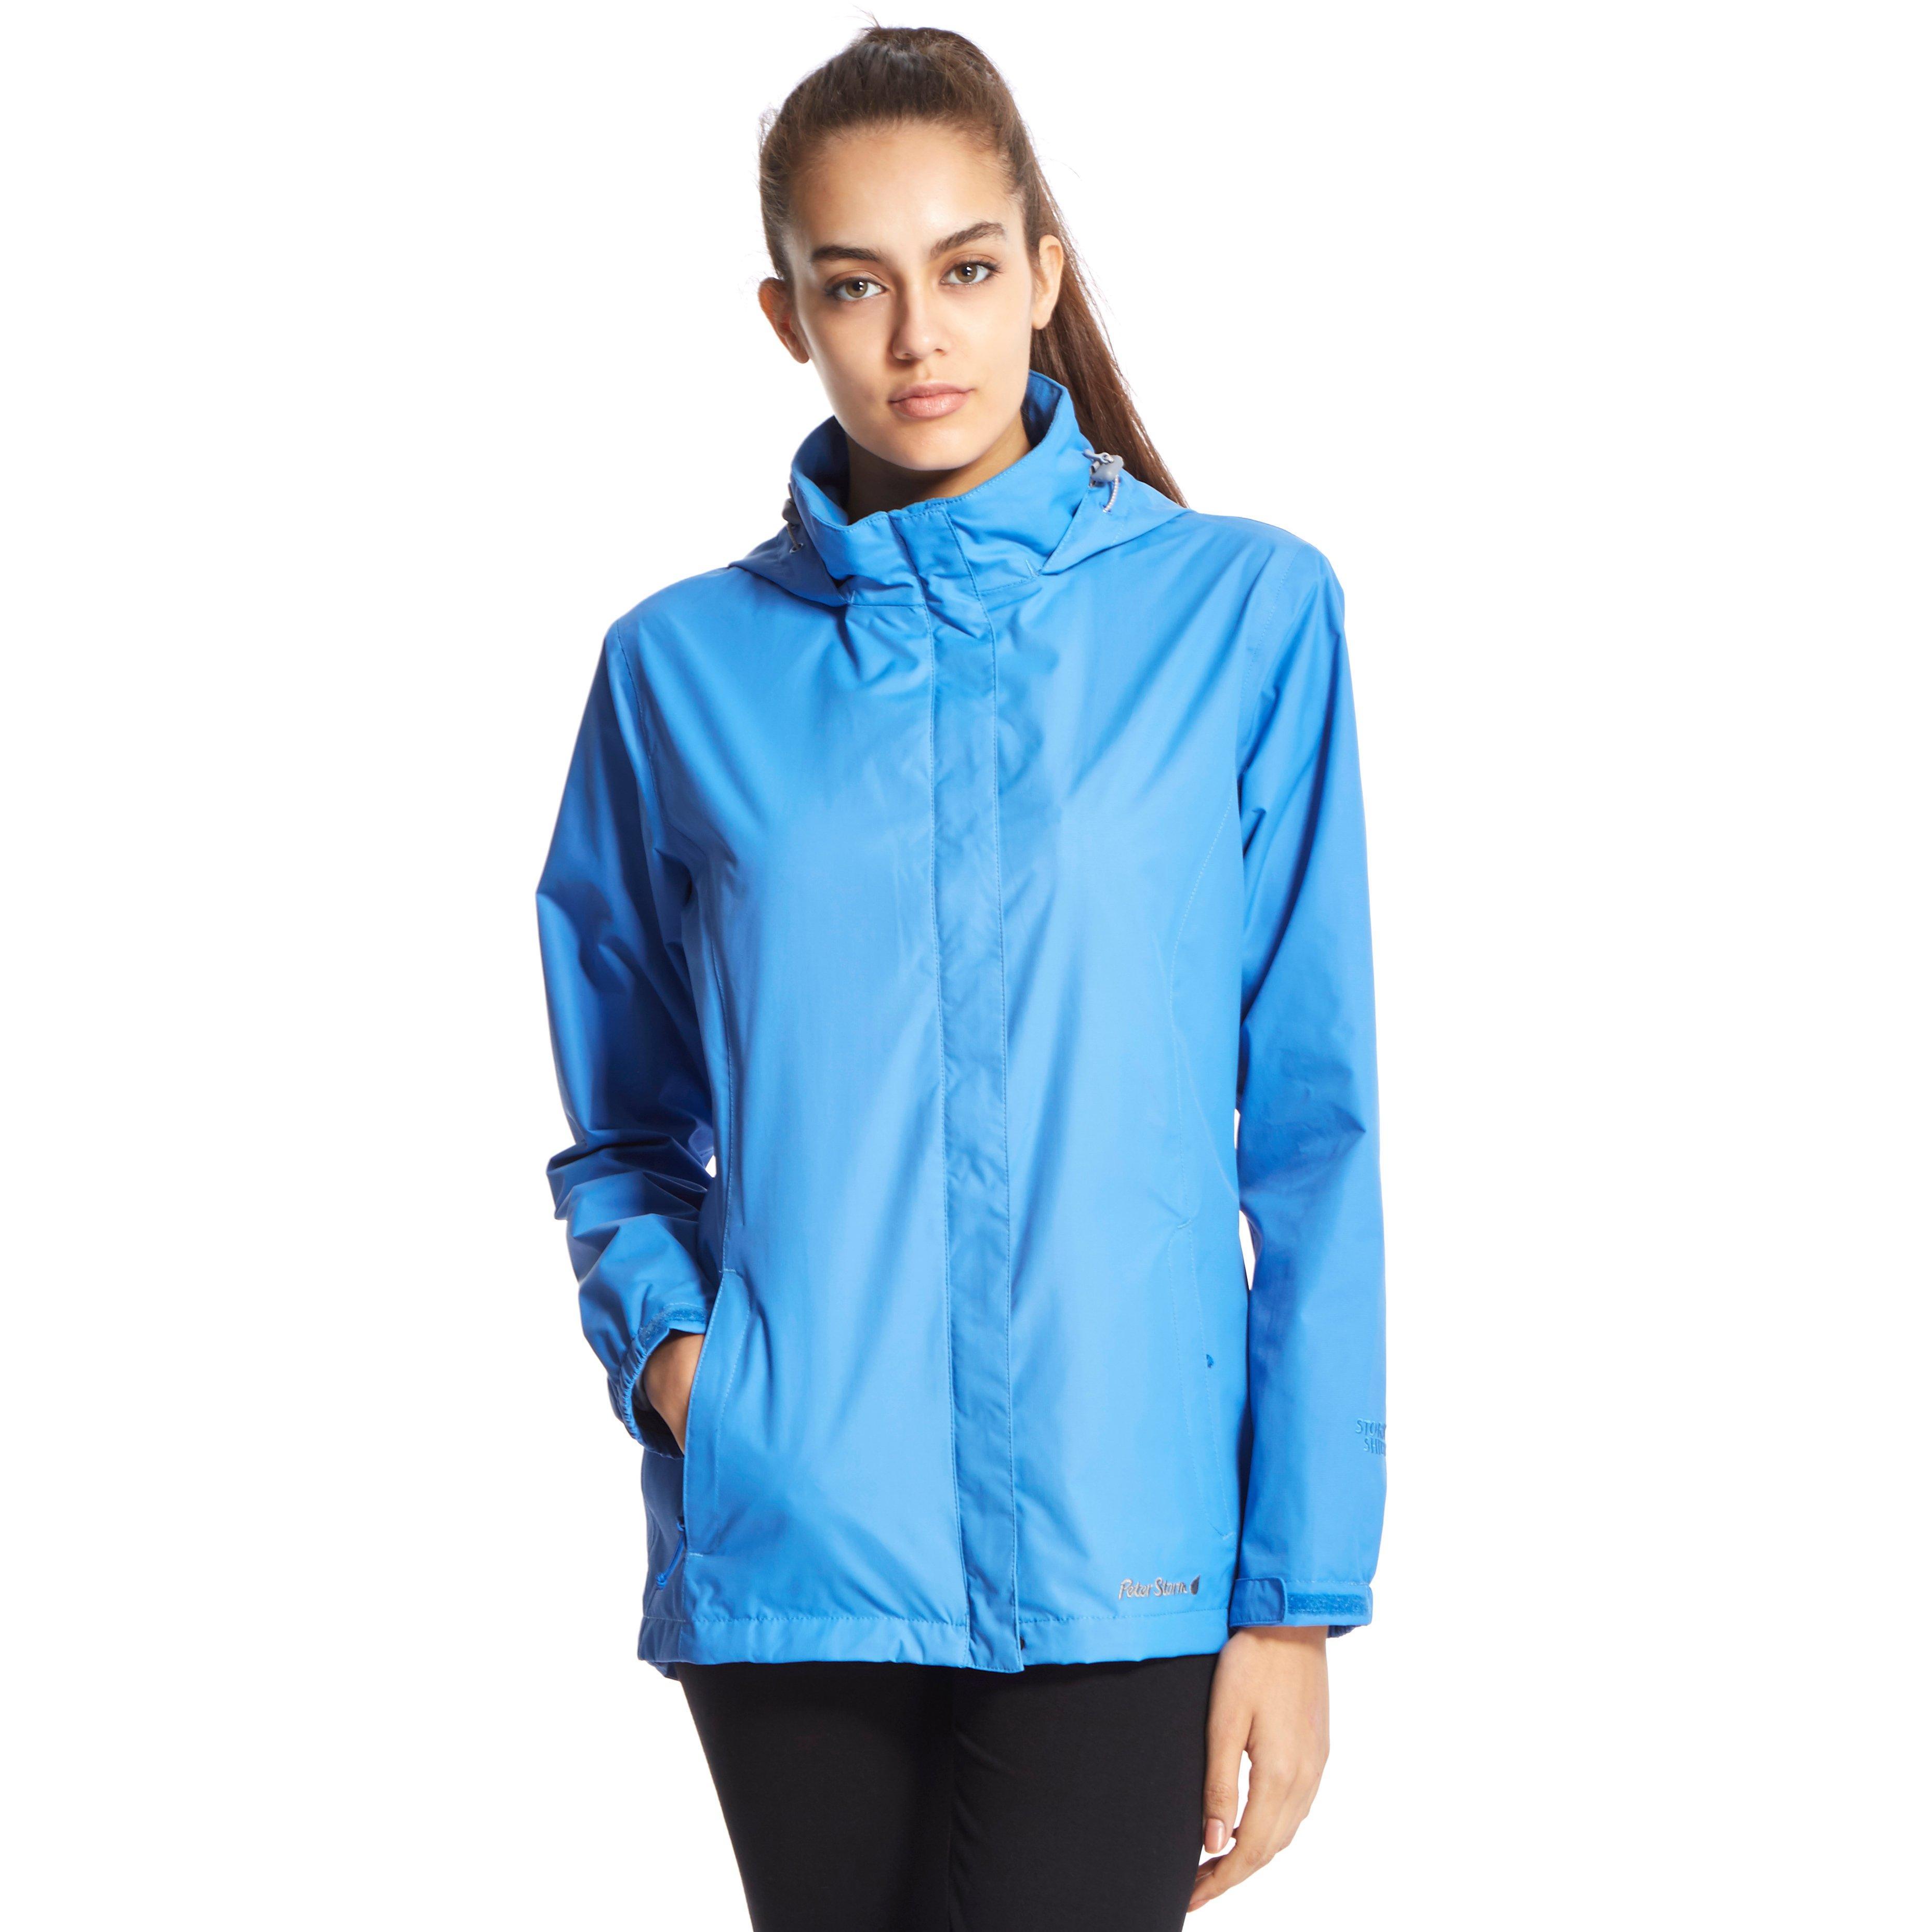 Peter Storm - Storm Waterproof Jacket - Women's